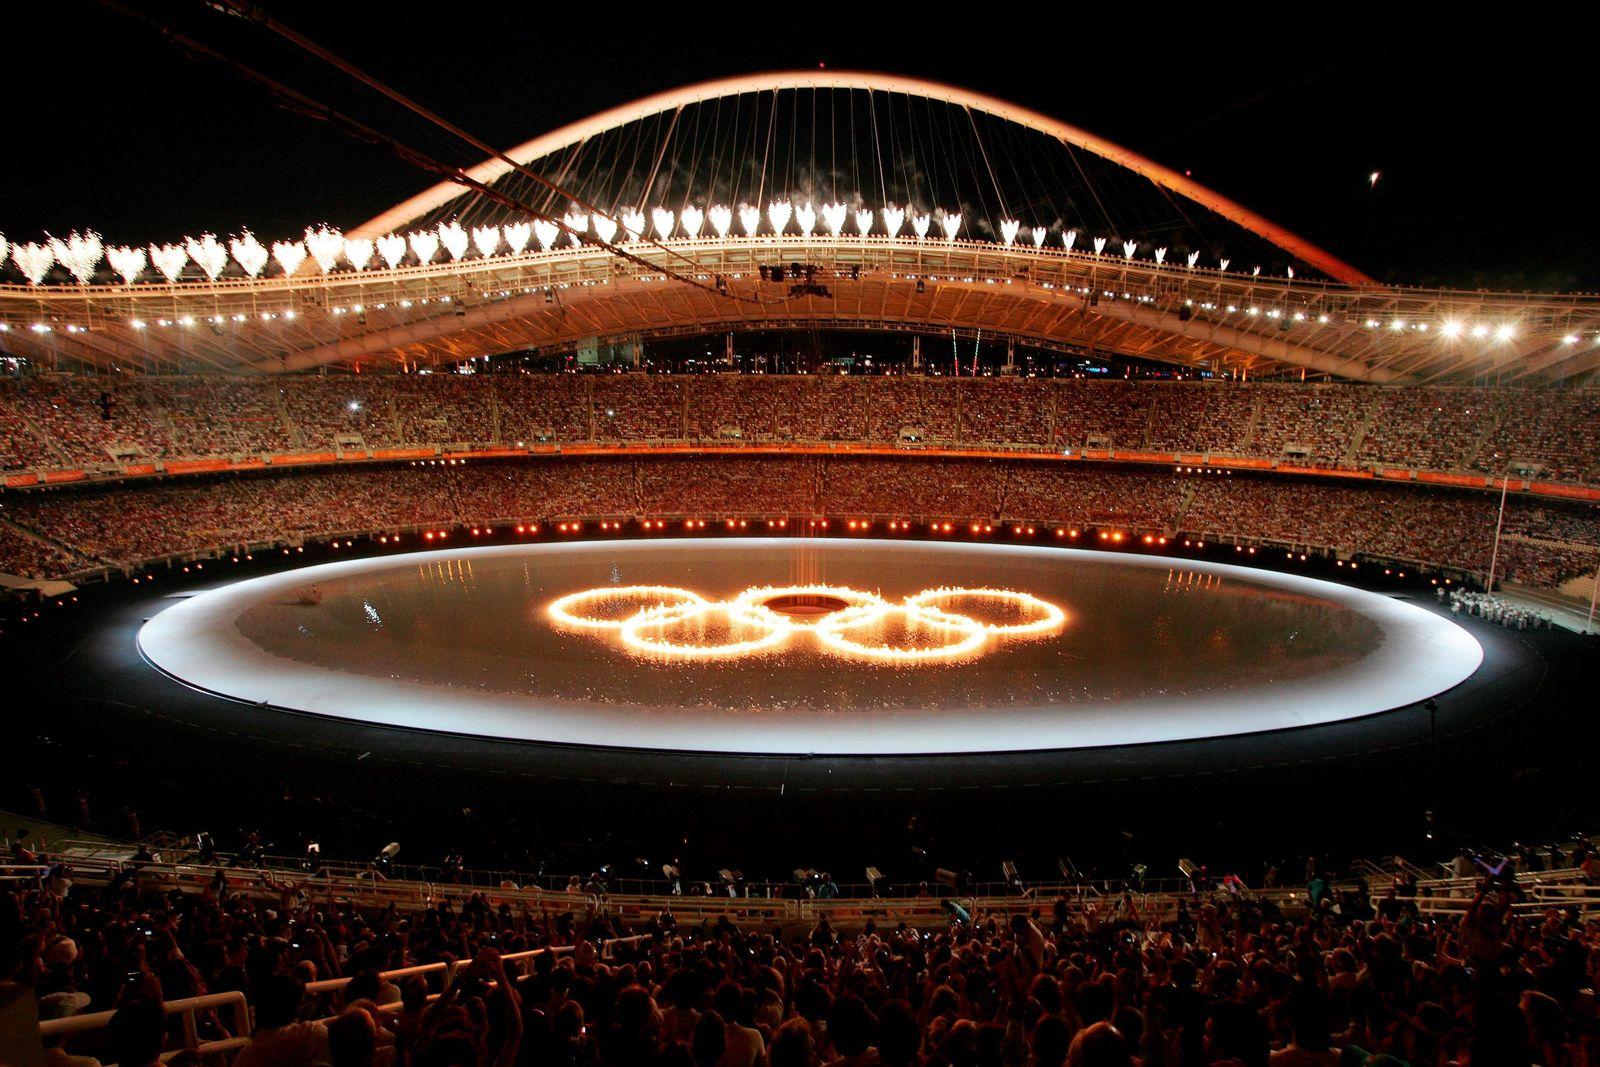 Jahreswechsel - Olympische Spiele 2004 in Athen